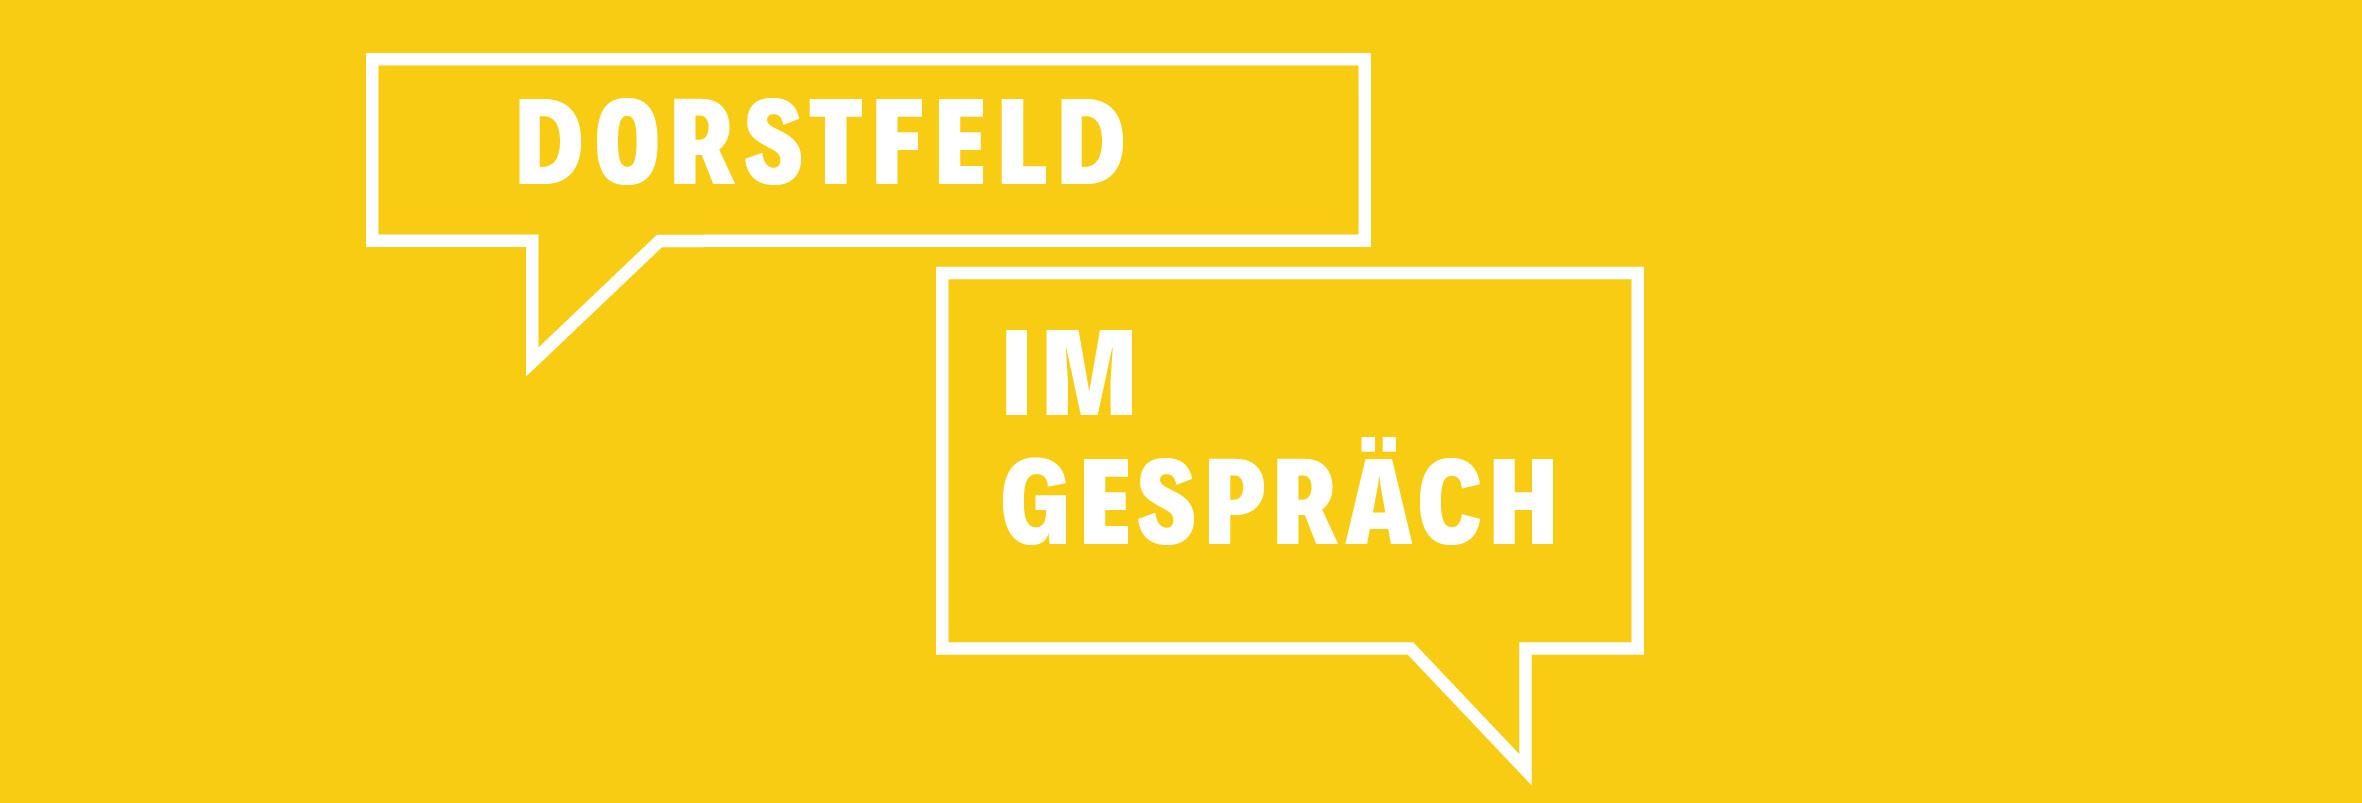 Dorstfeld im Gespräch: Wie Rechtsextreme im Netz Relevanz erzeugen